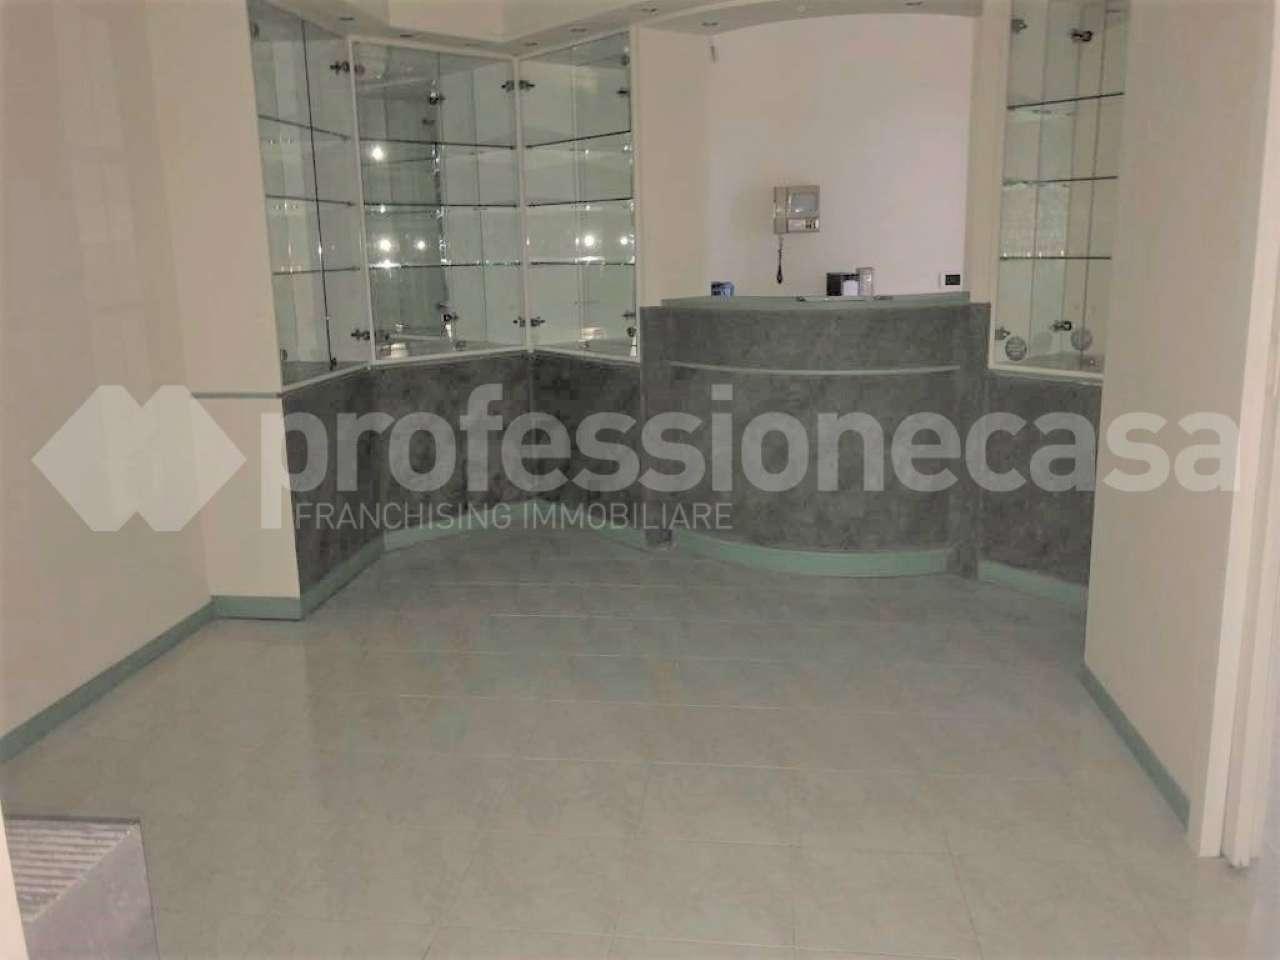 Ufficio / Studio in vendita a Castellanza, 5 locali, prezzo € 220.000   PortaleAgenzieImmobiliari.it